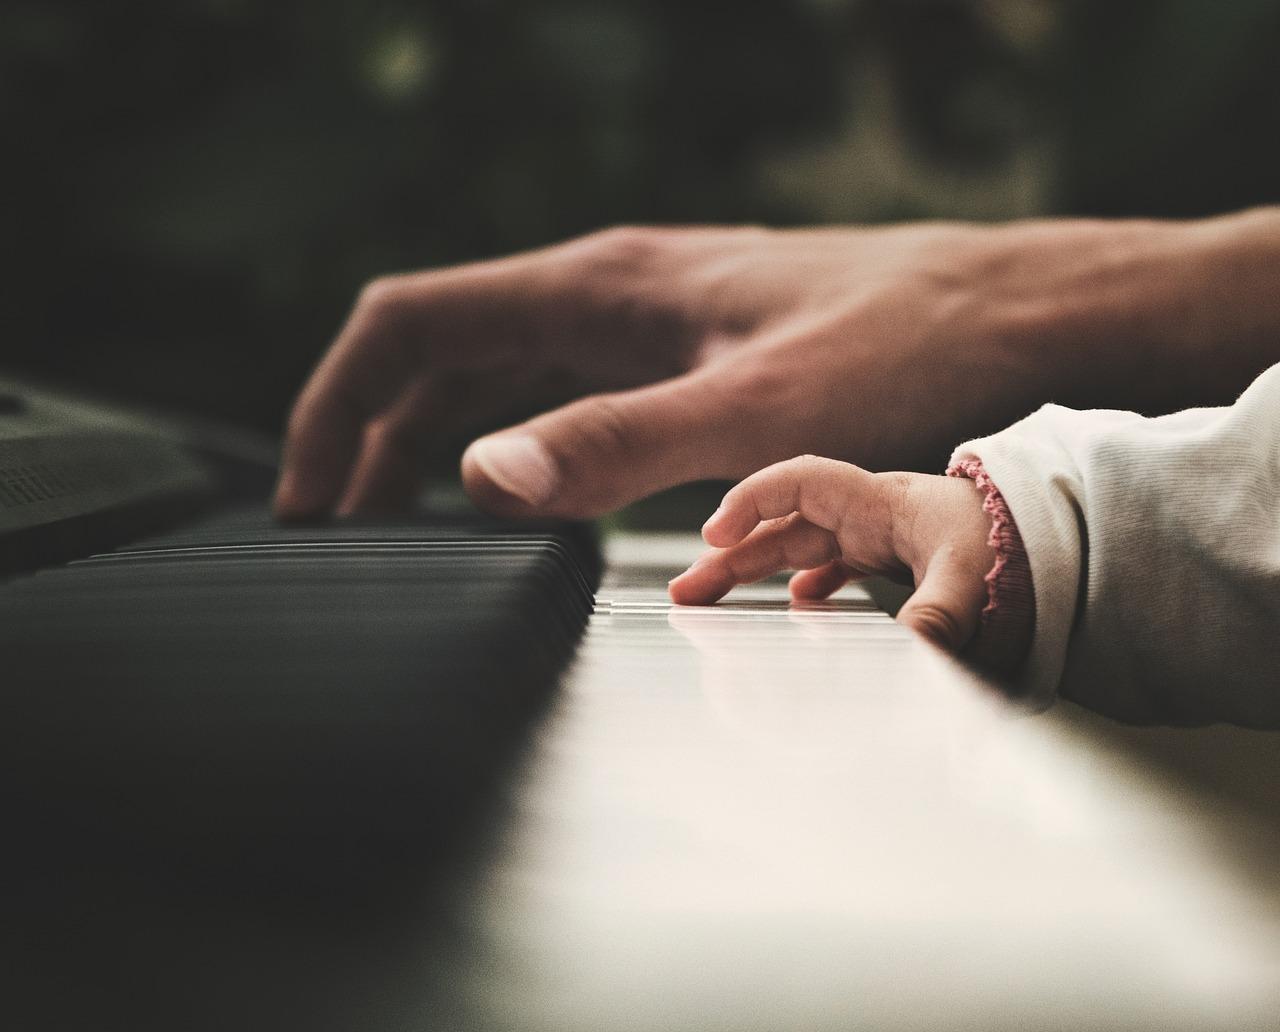 ピアノ キーボード 楽器 音楽 ミュージシャン ピアニスト 人 人間 赤ちゃん